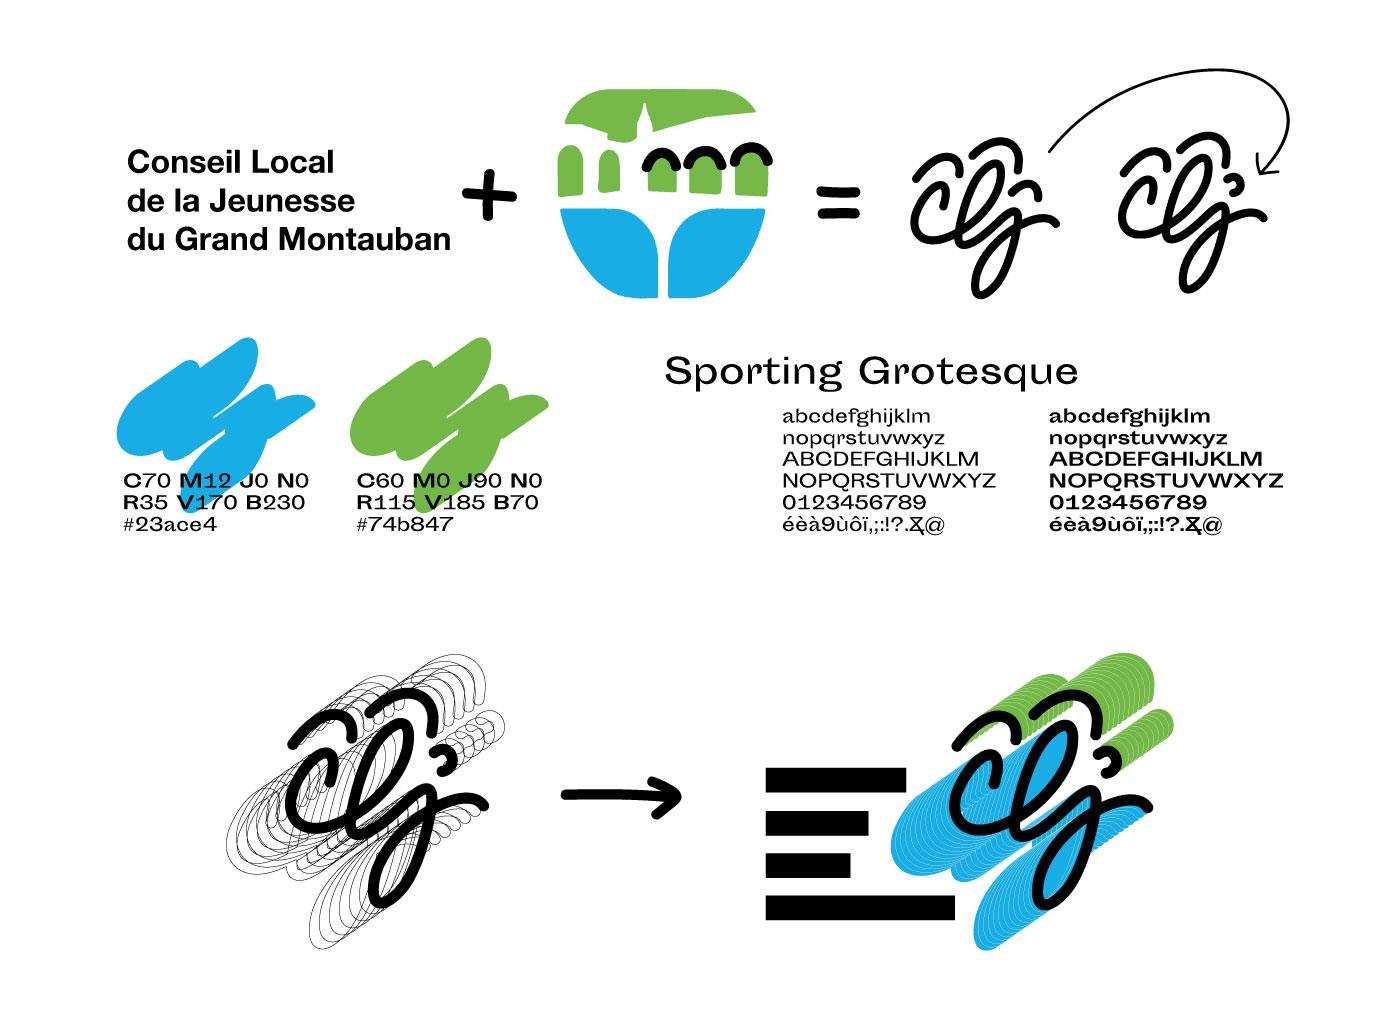 Charte graphique du logo CLJ décomposée, formes du Grand Montauban, codes couleurs et typograpies